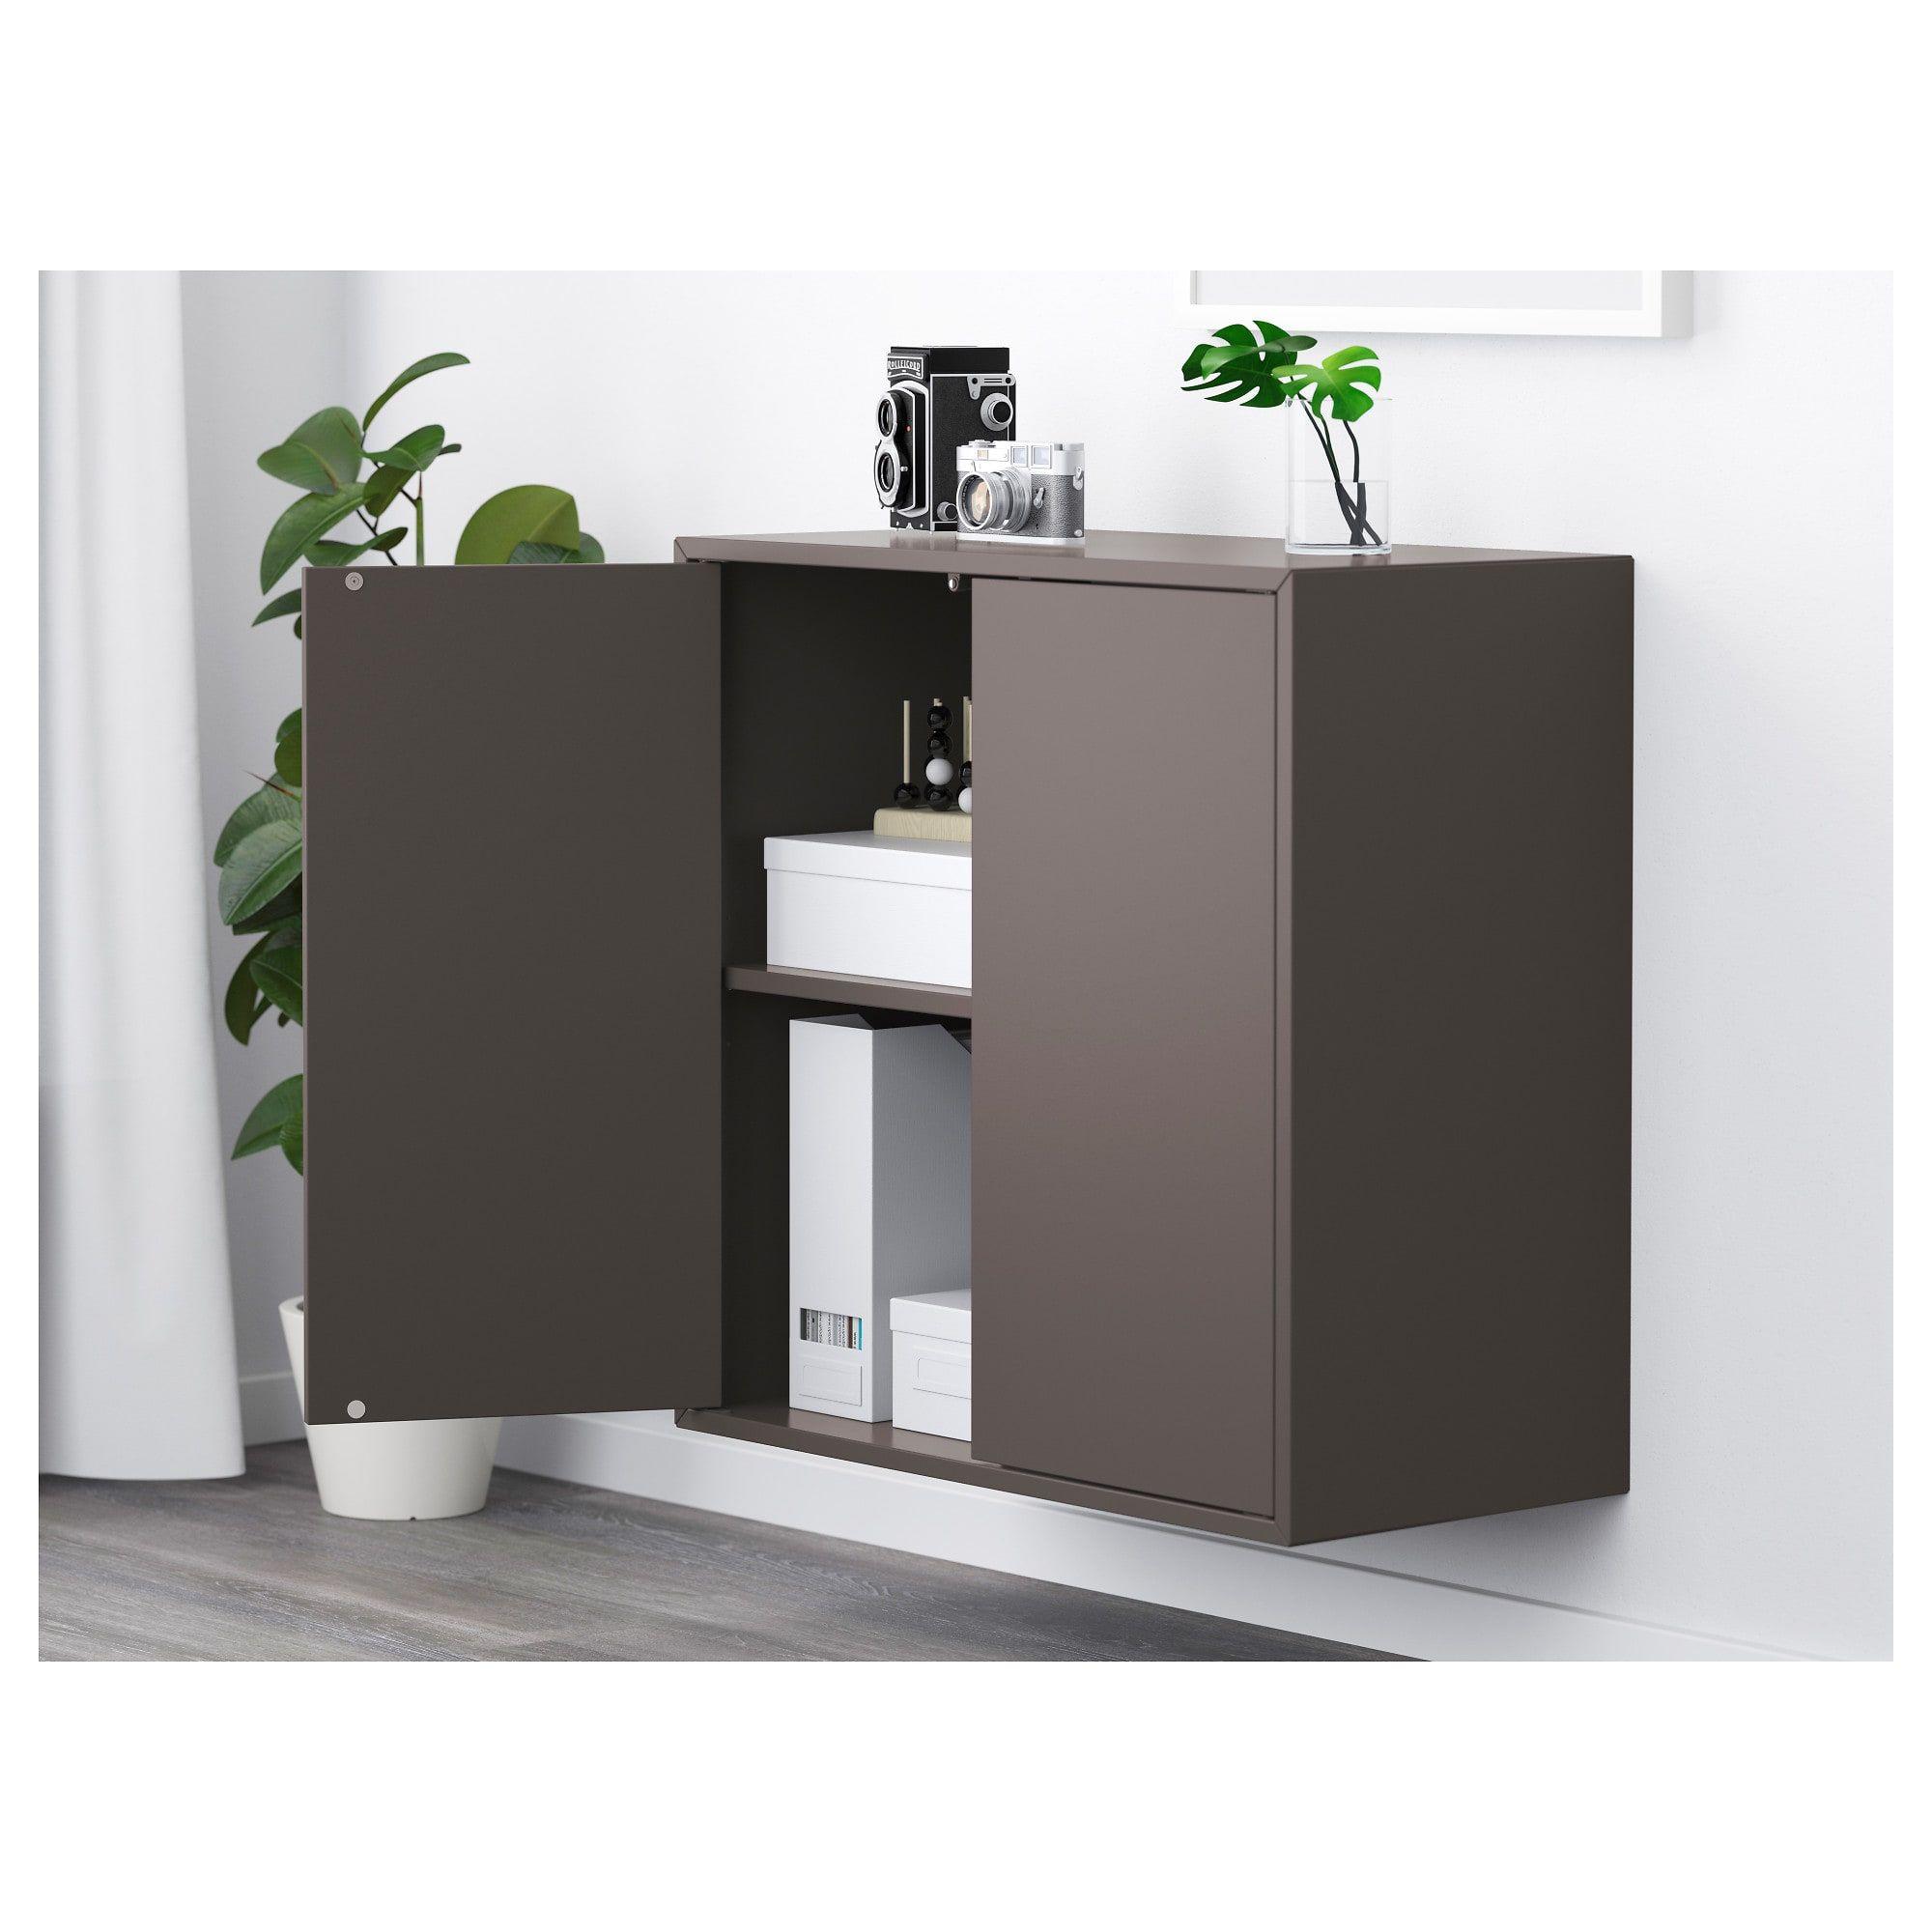 Ikea Eket Cabinet With 2 Doors And Shelf Dark Gray In 2019